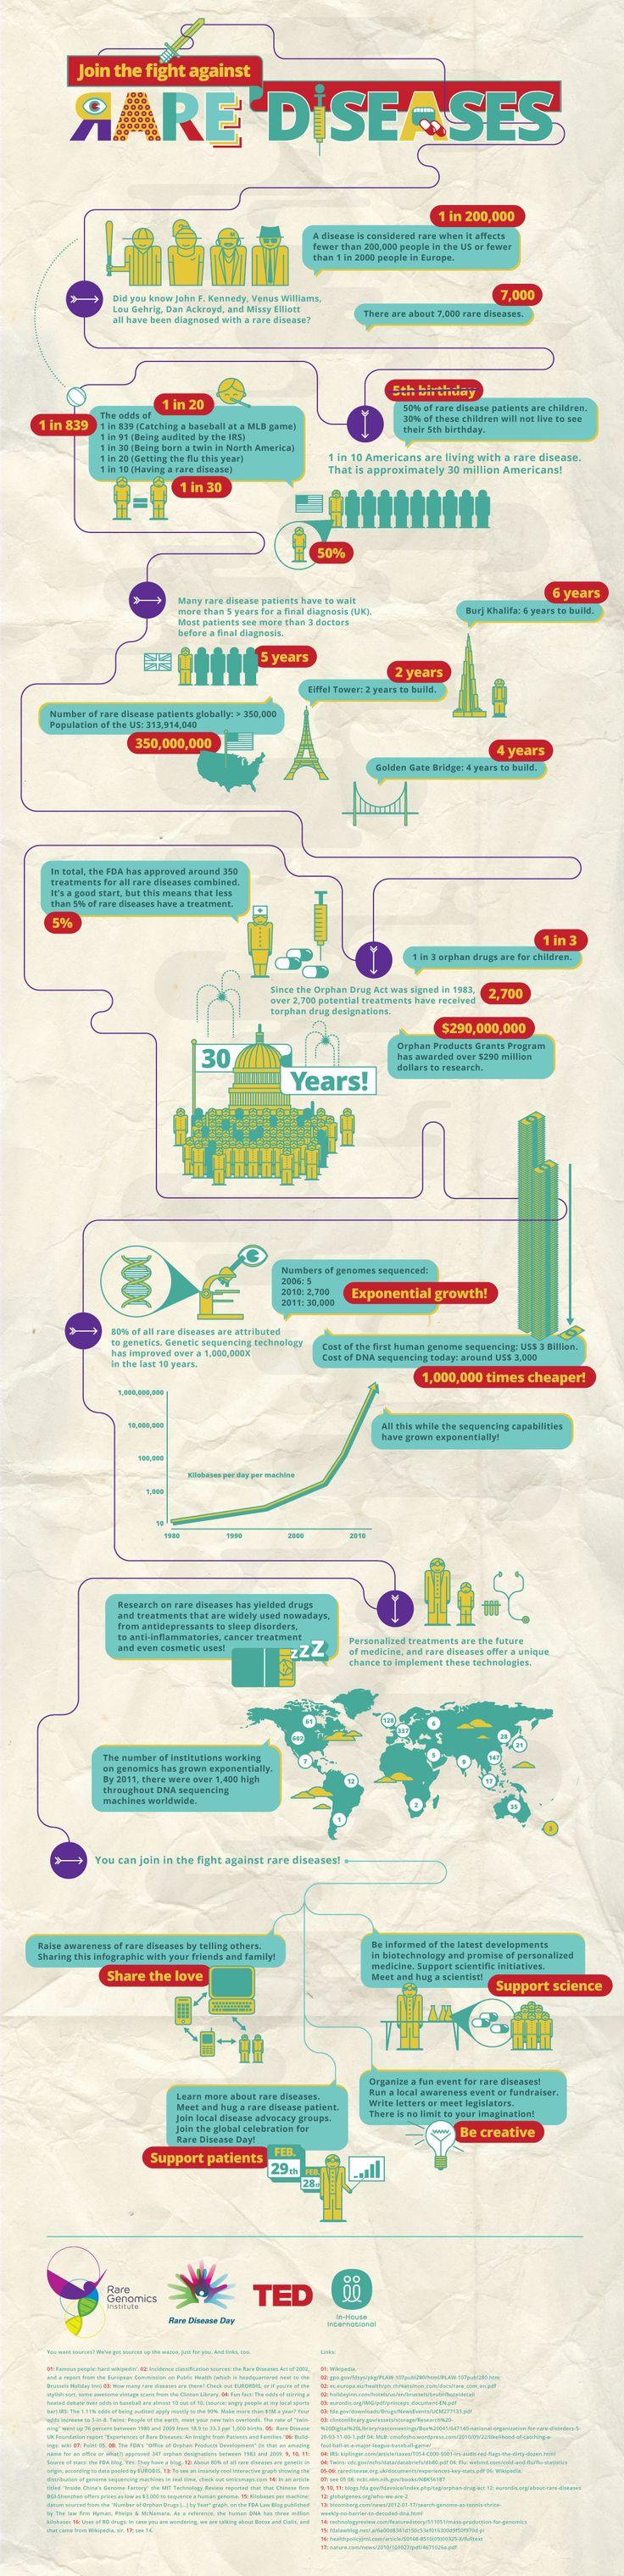 mas estadísticas sobre las enfermedades raras... Rare disease infographic from TED fellow.